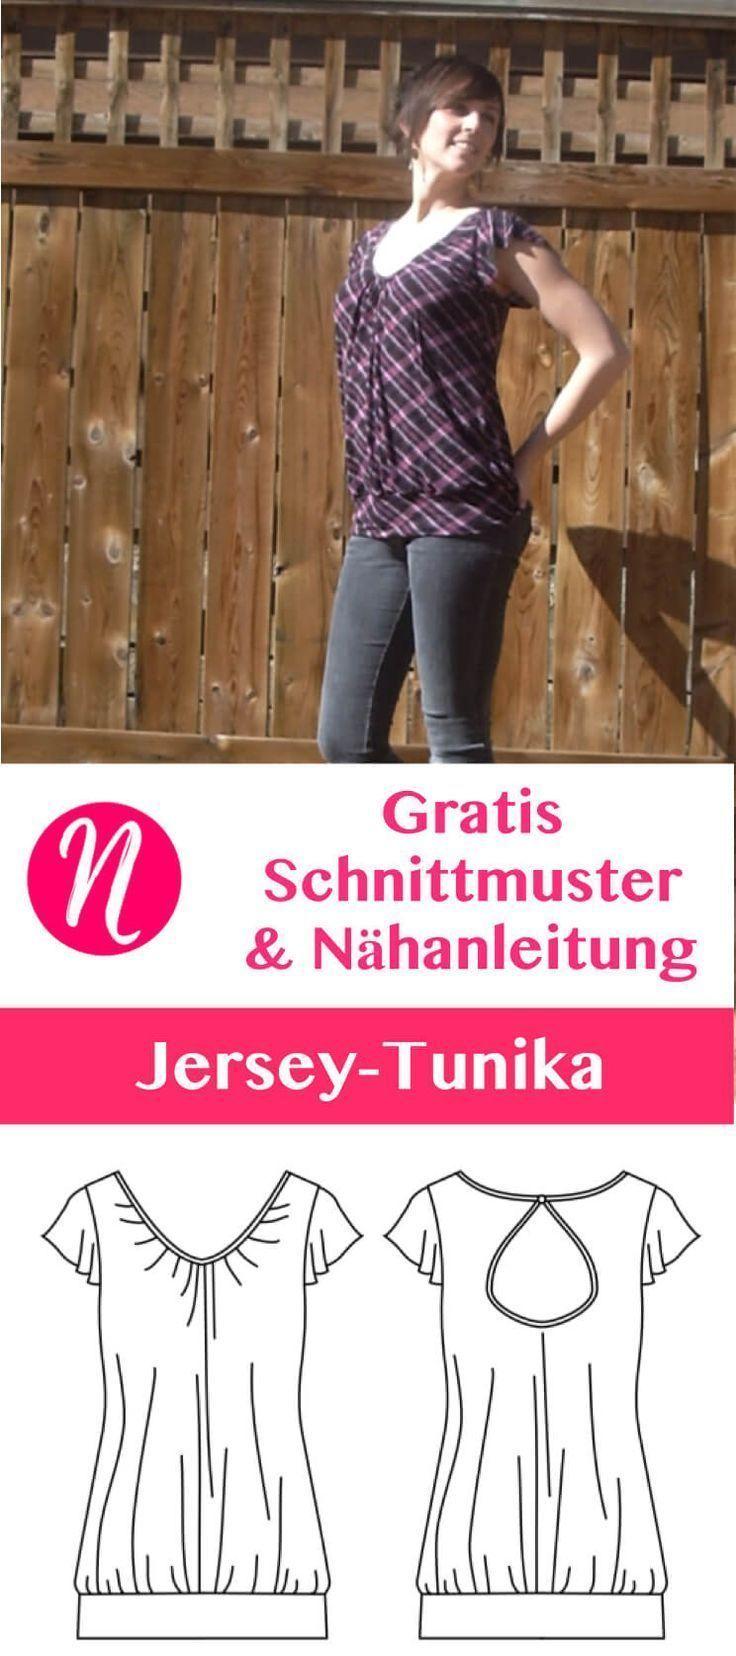 Attractive Freie Ernte Oben Schnittmuster Inspiration - Decke ...